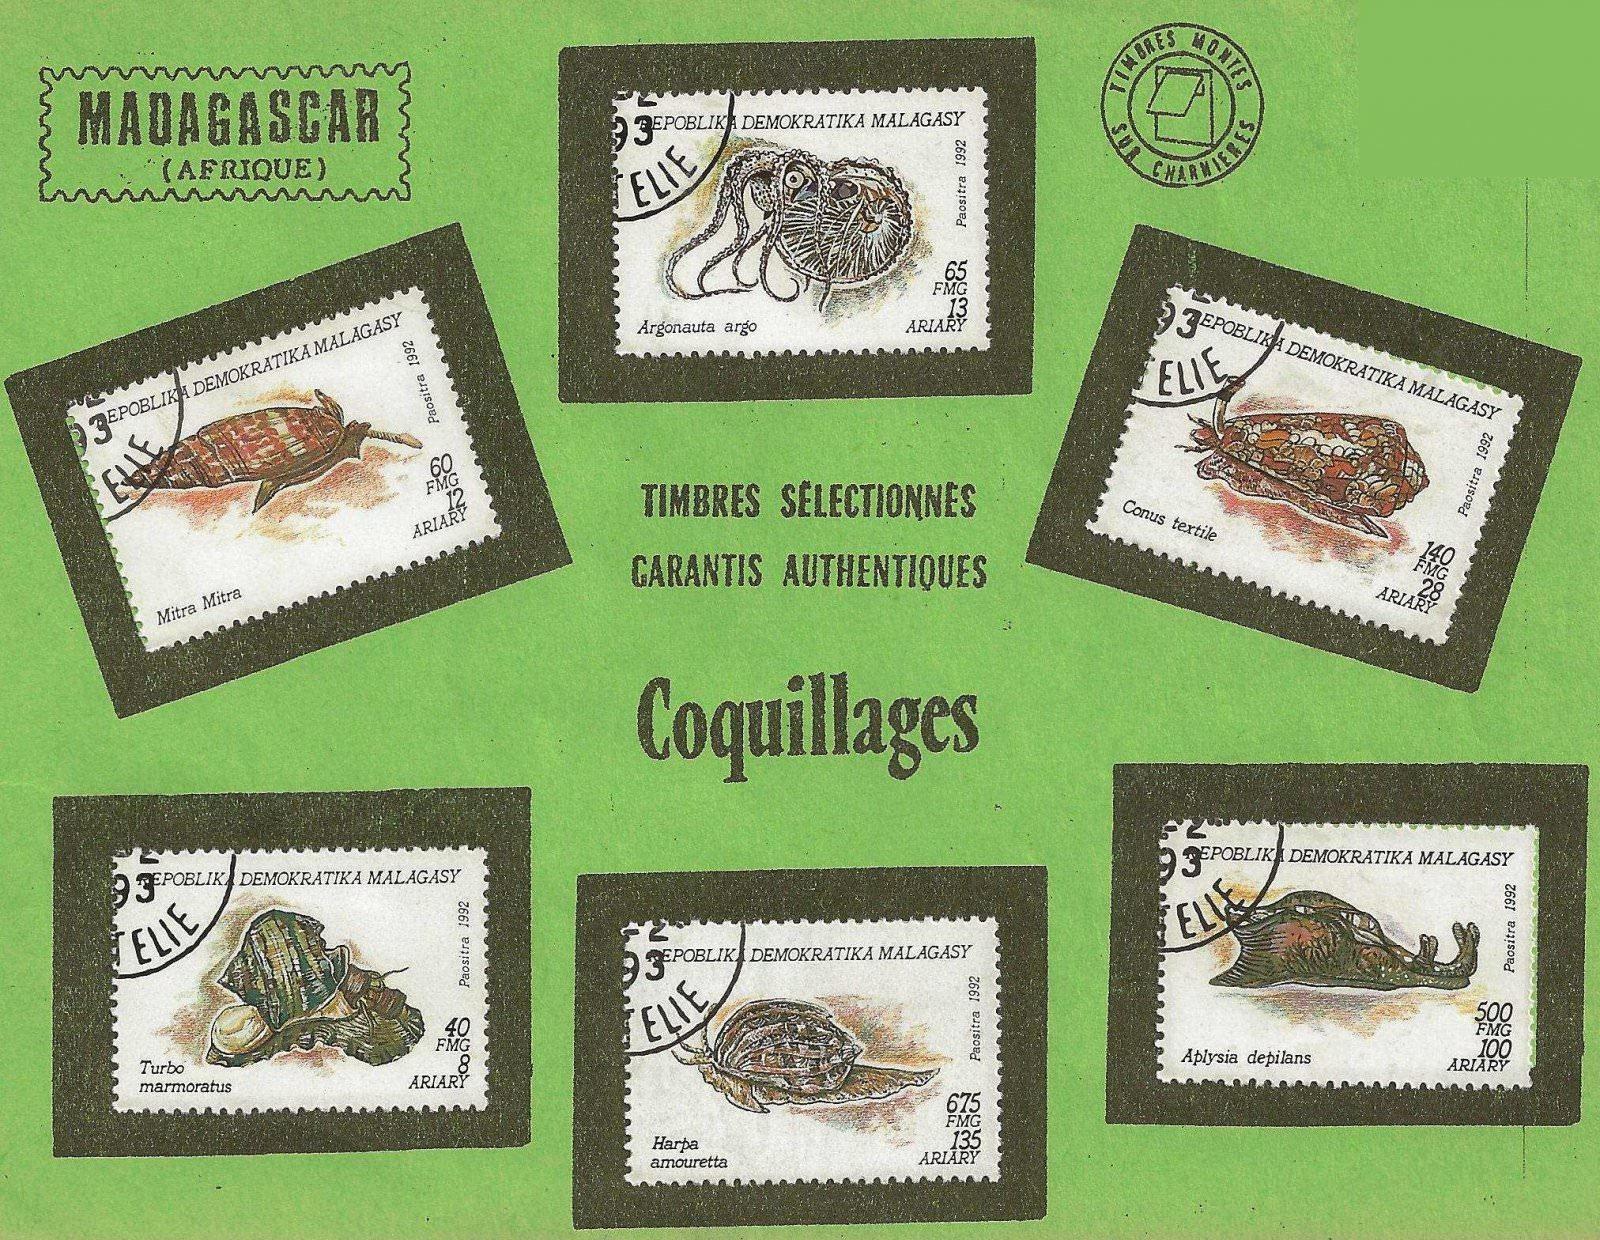 COQUILLAGES MADAGASCAR